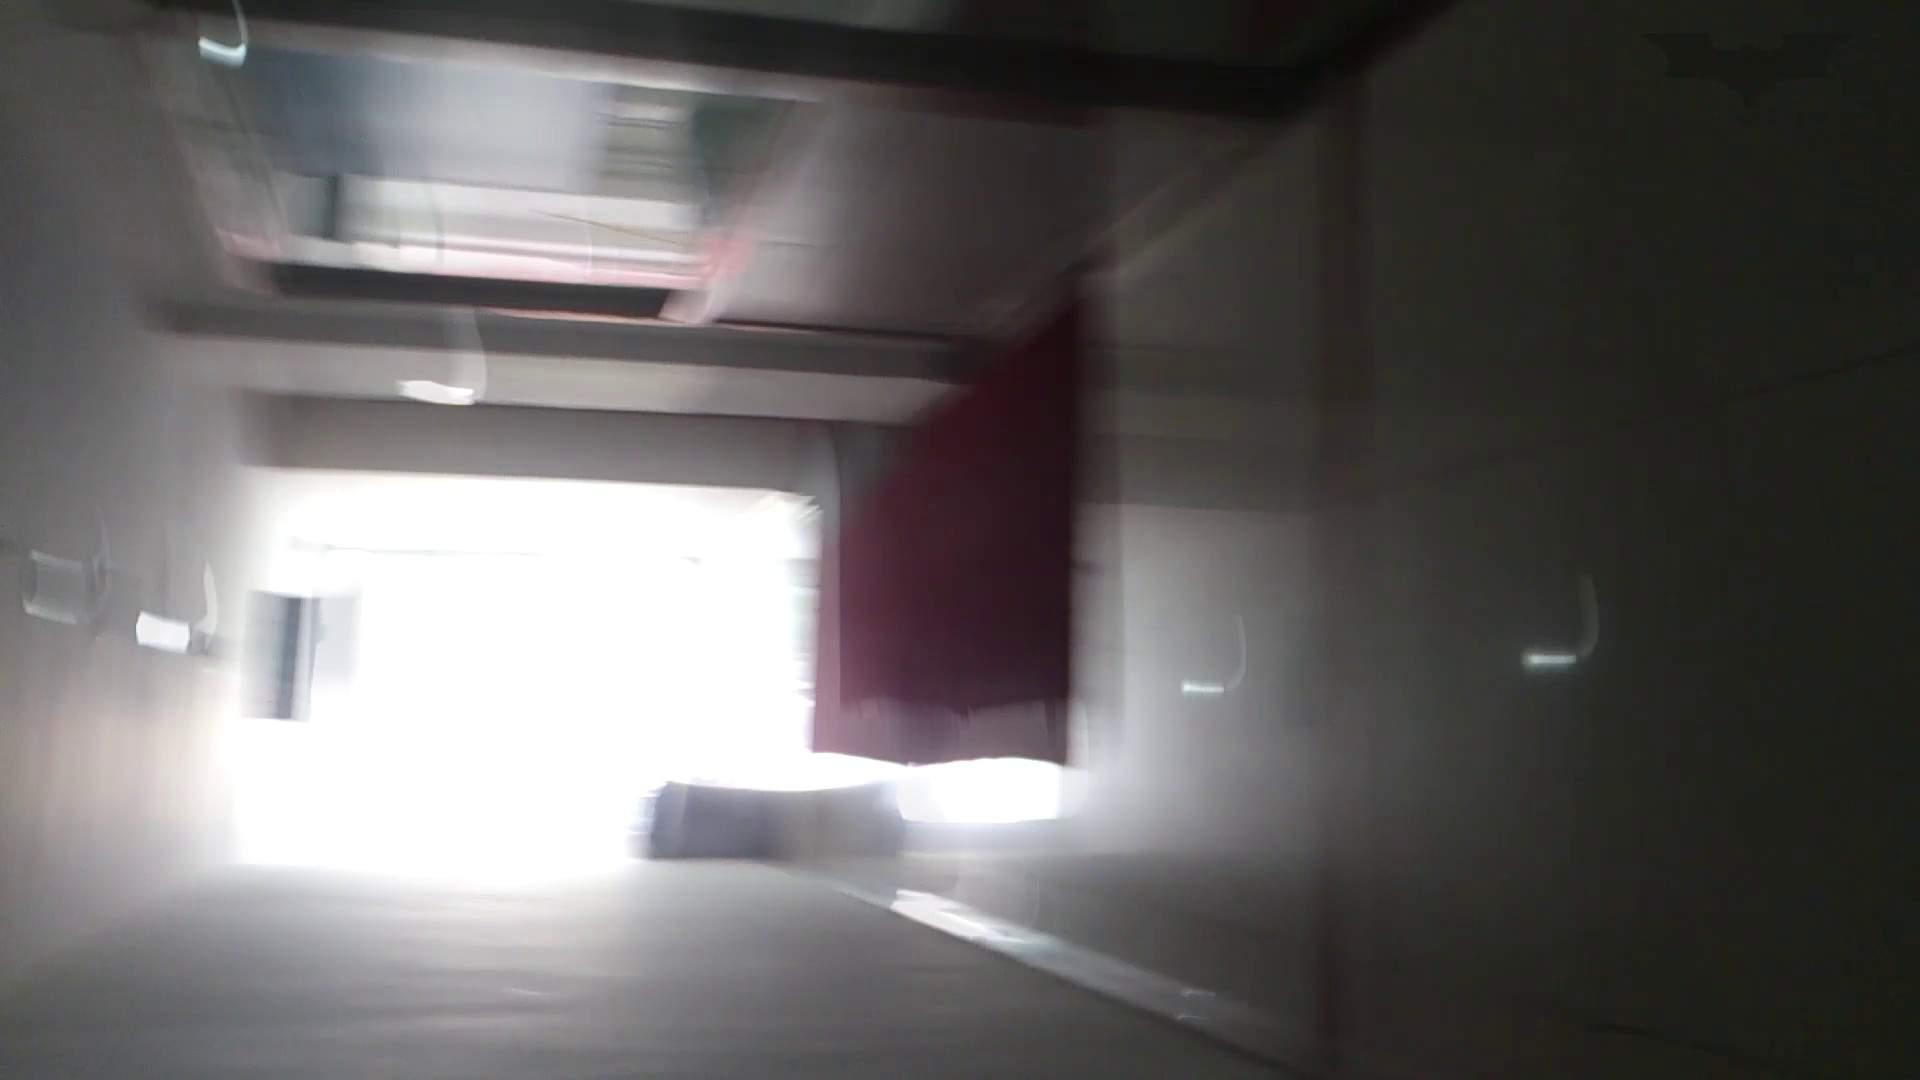 JD盗撮 美女の洗面所の秘密 Vol.75 高評価 オマンコ動画キャプチャ 110画像 41